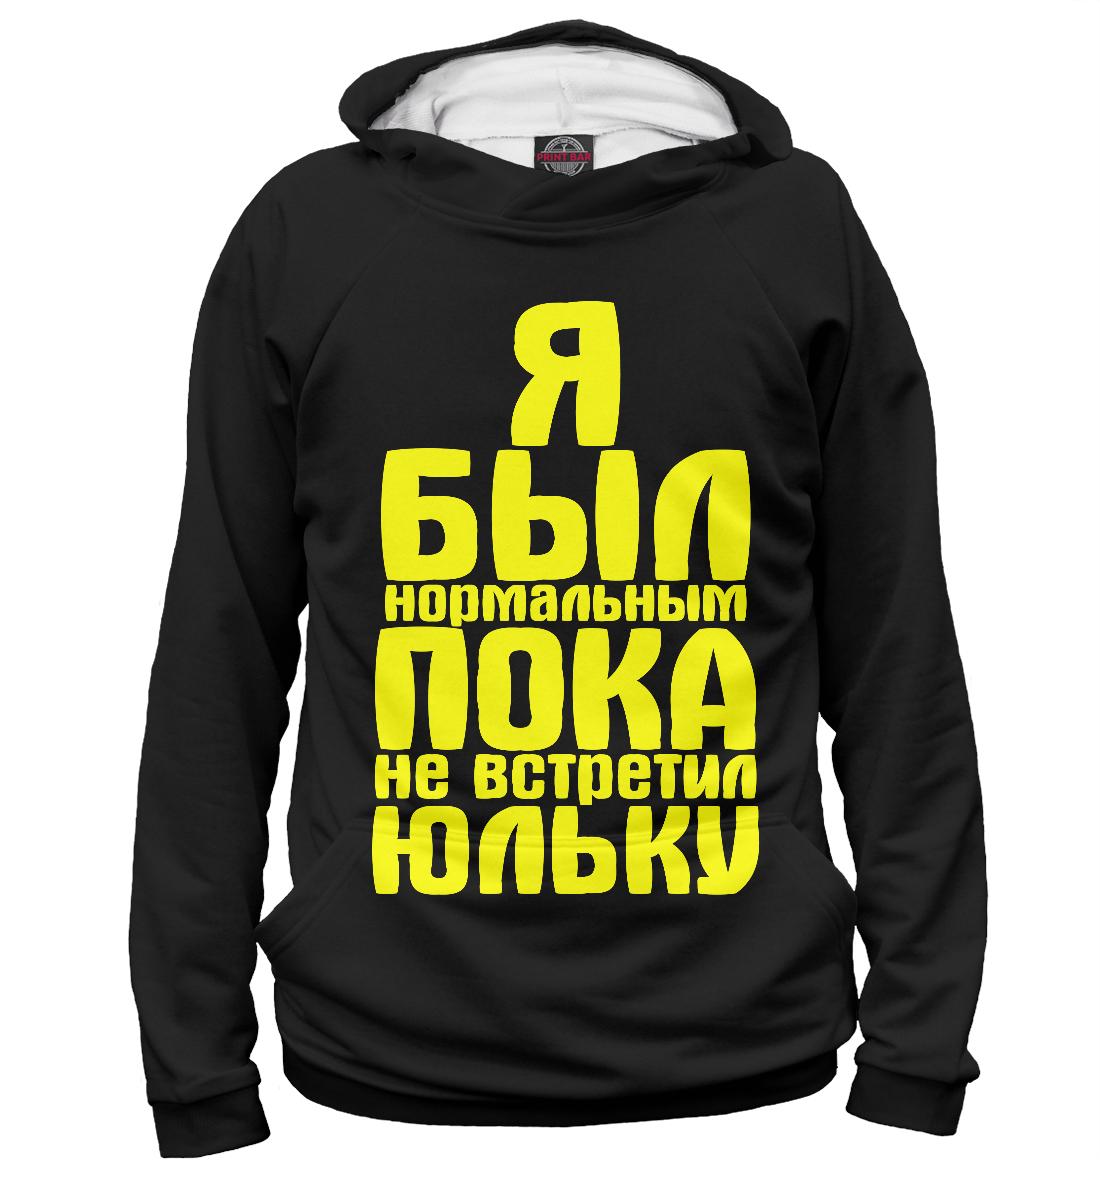 Купить Пока не встретил Юльку, Printbar, Худи, IMR-835724-hud